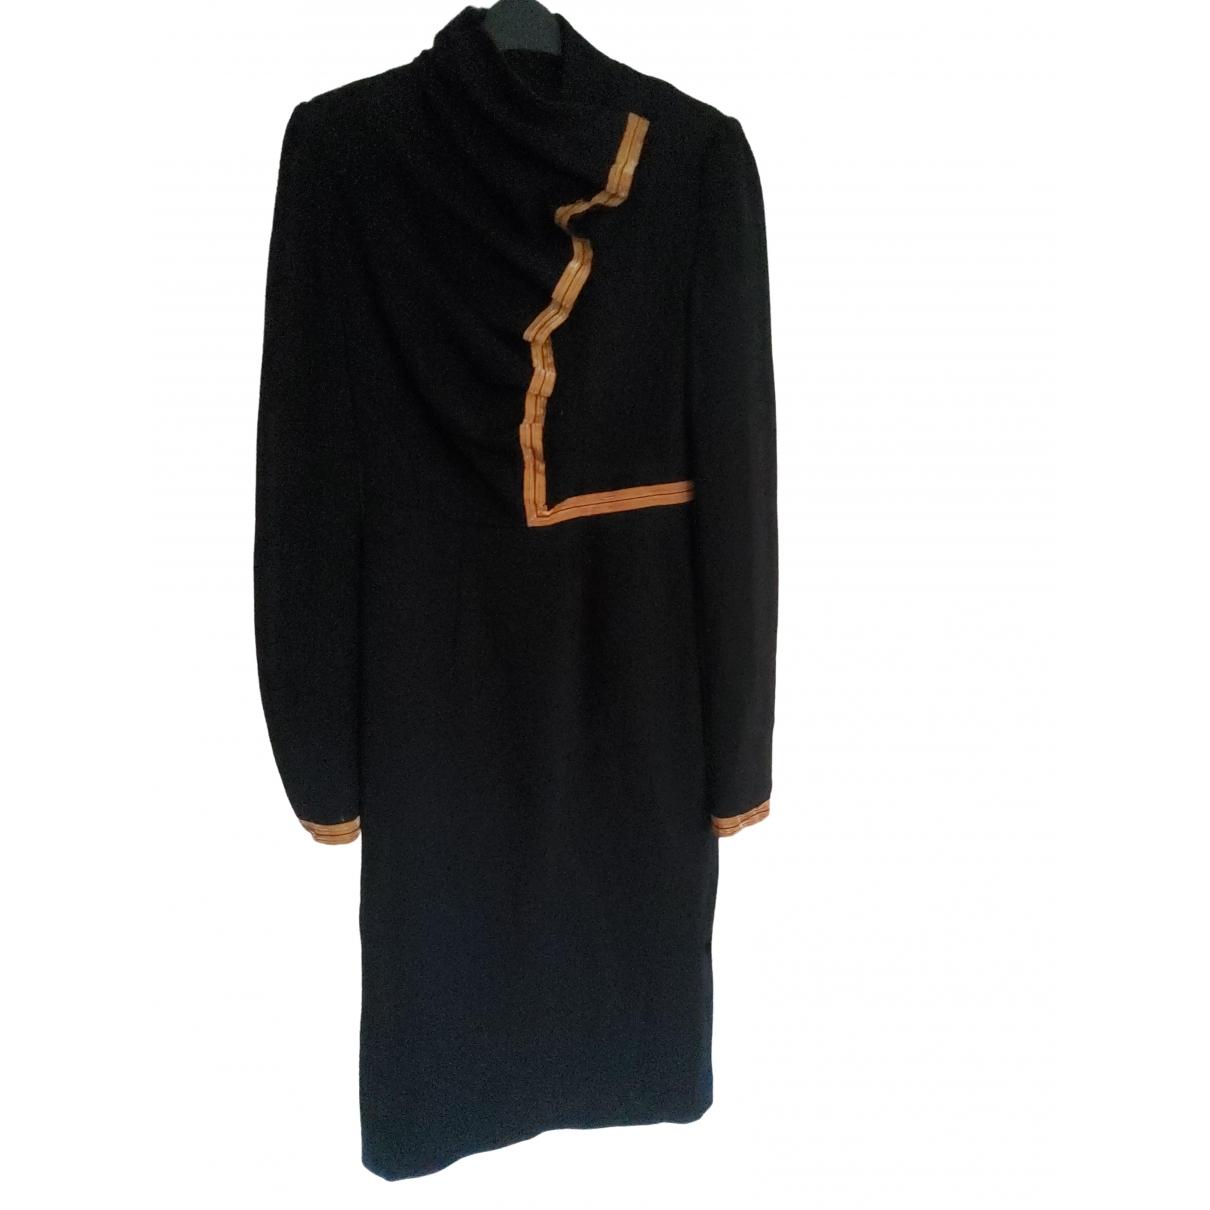 Nathan Jenden \N Kleid in  Schwarz Wolle